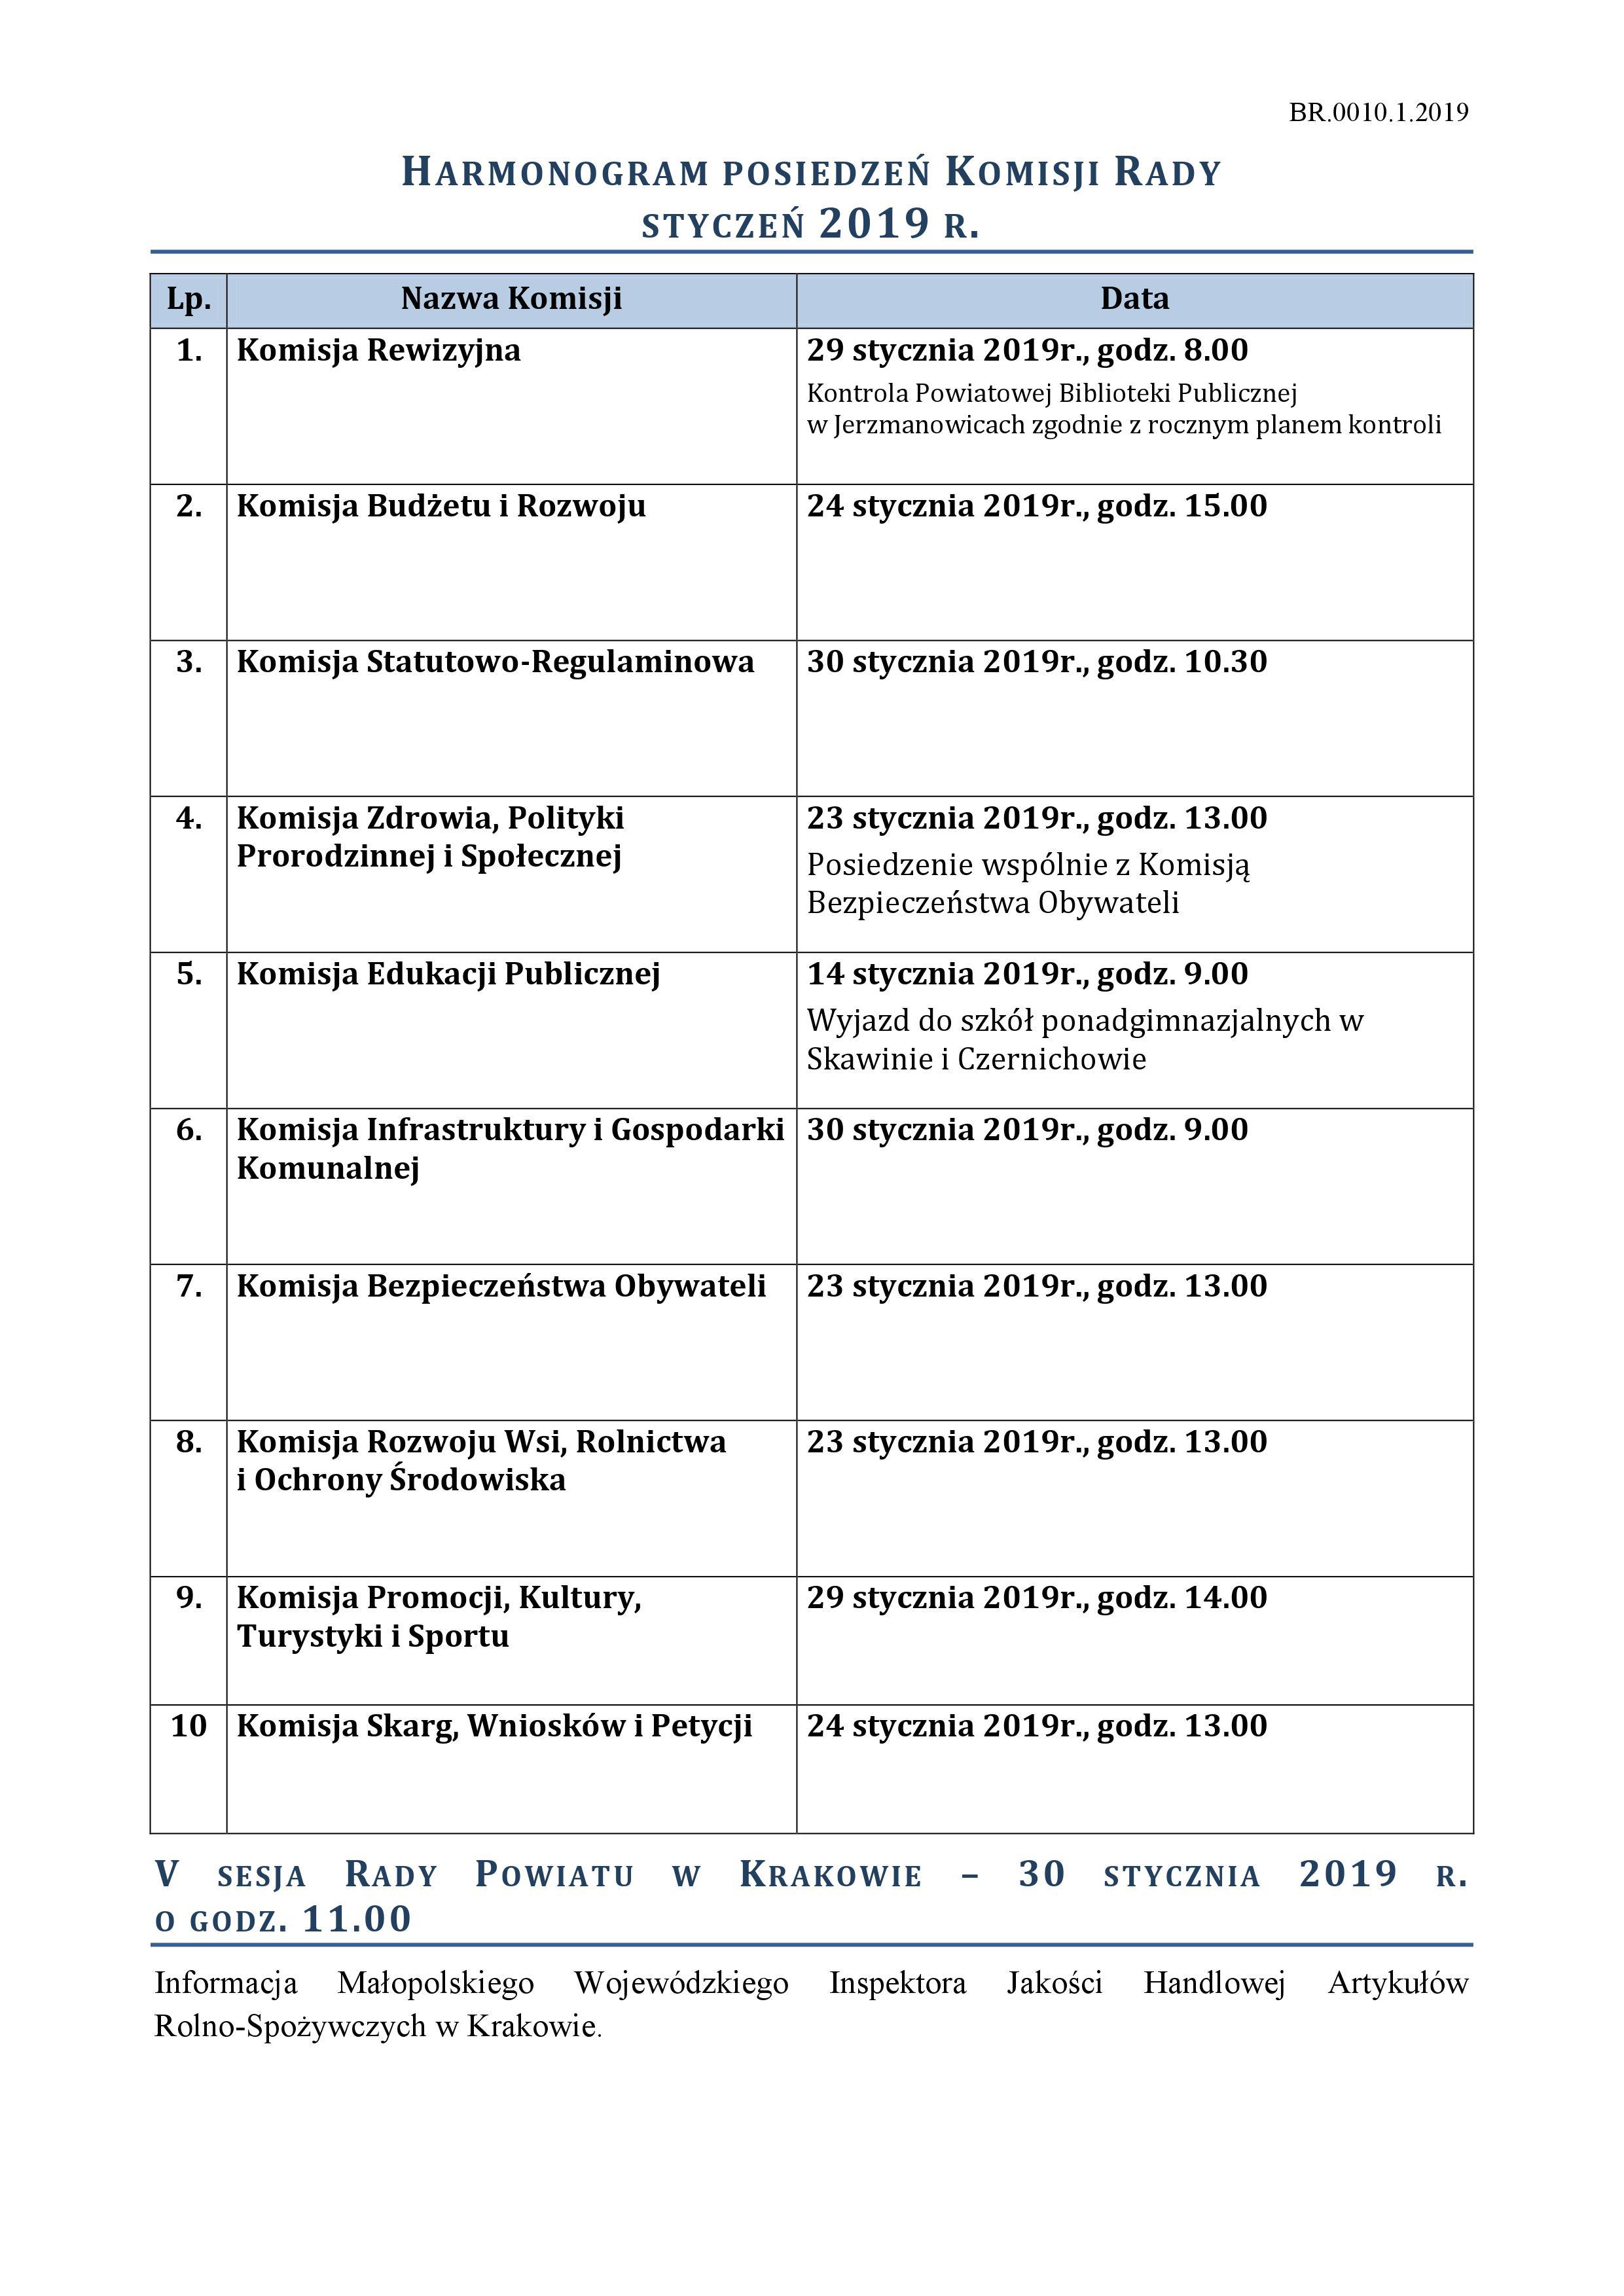 Harmonogram posiedzeń -styczeń 2019